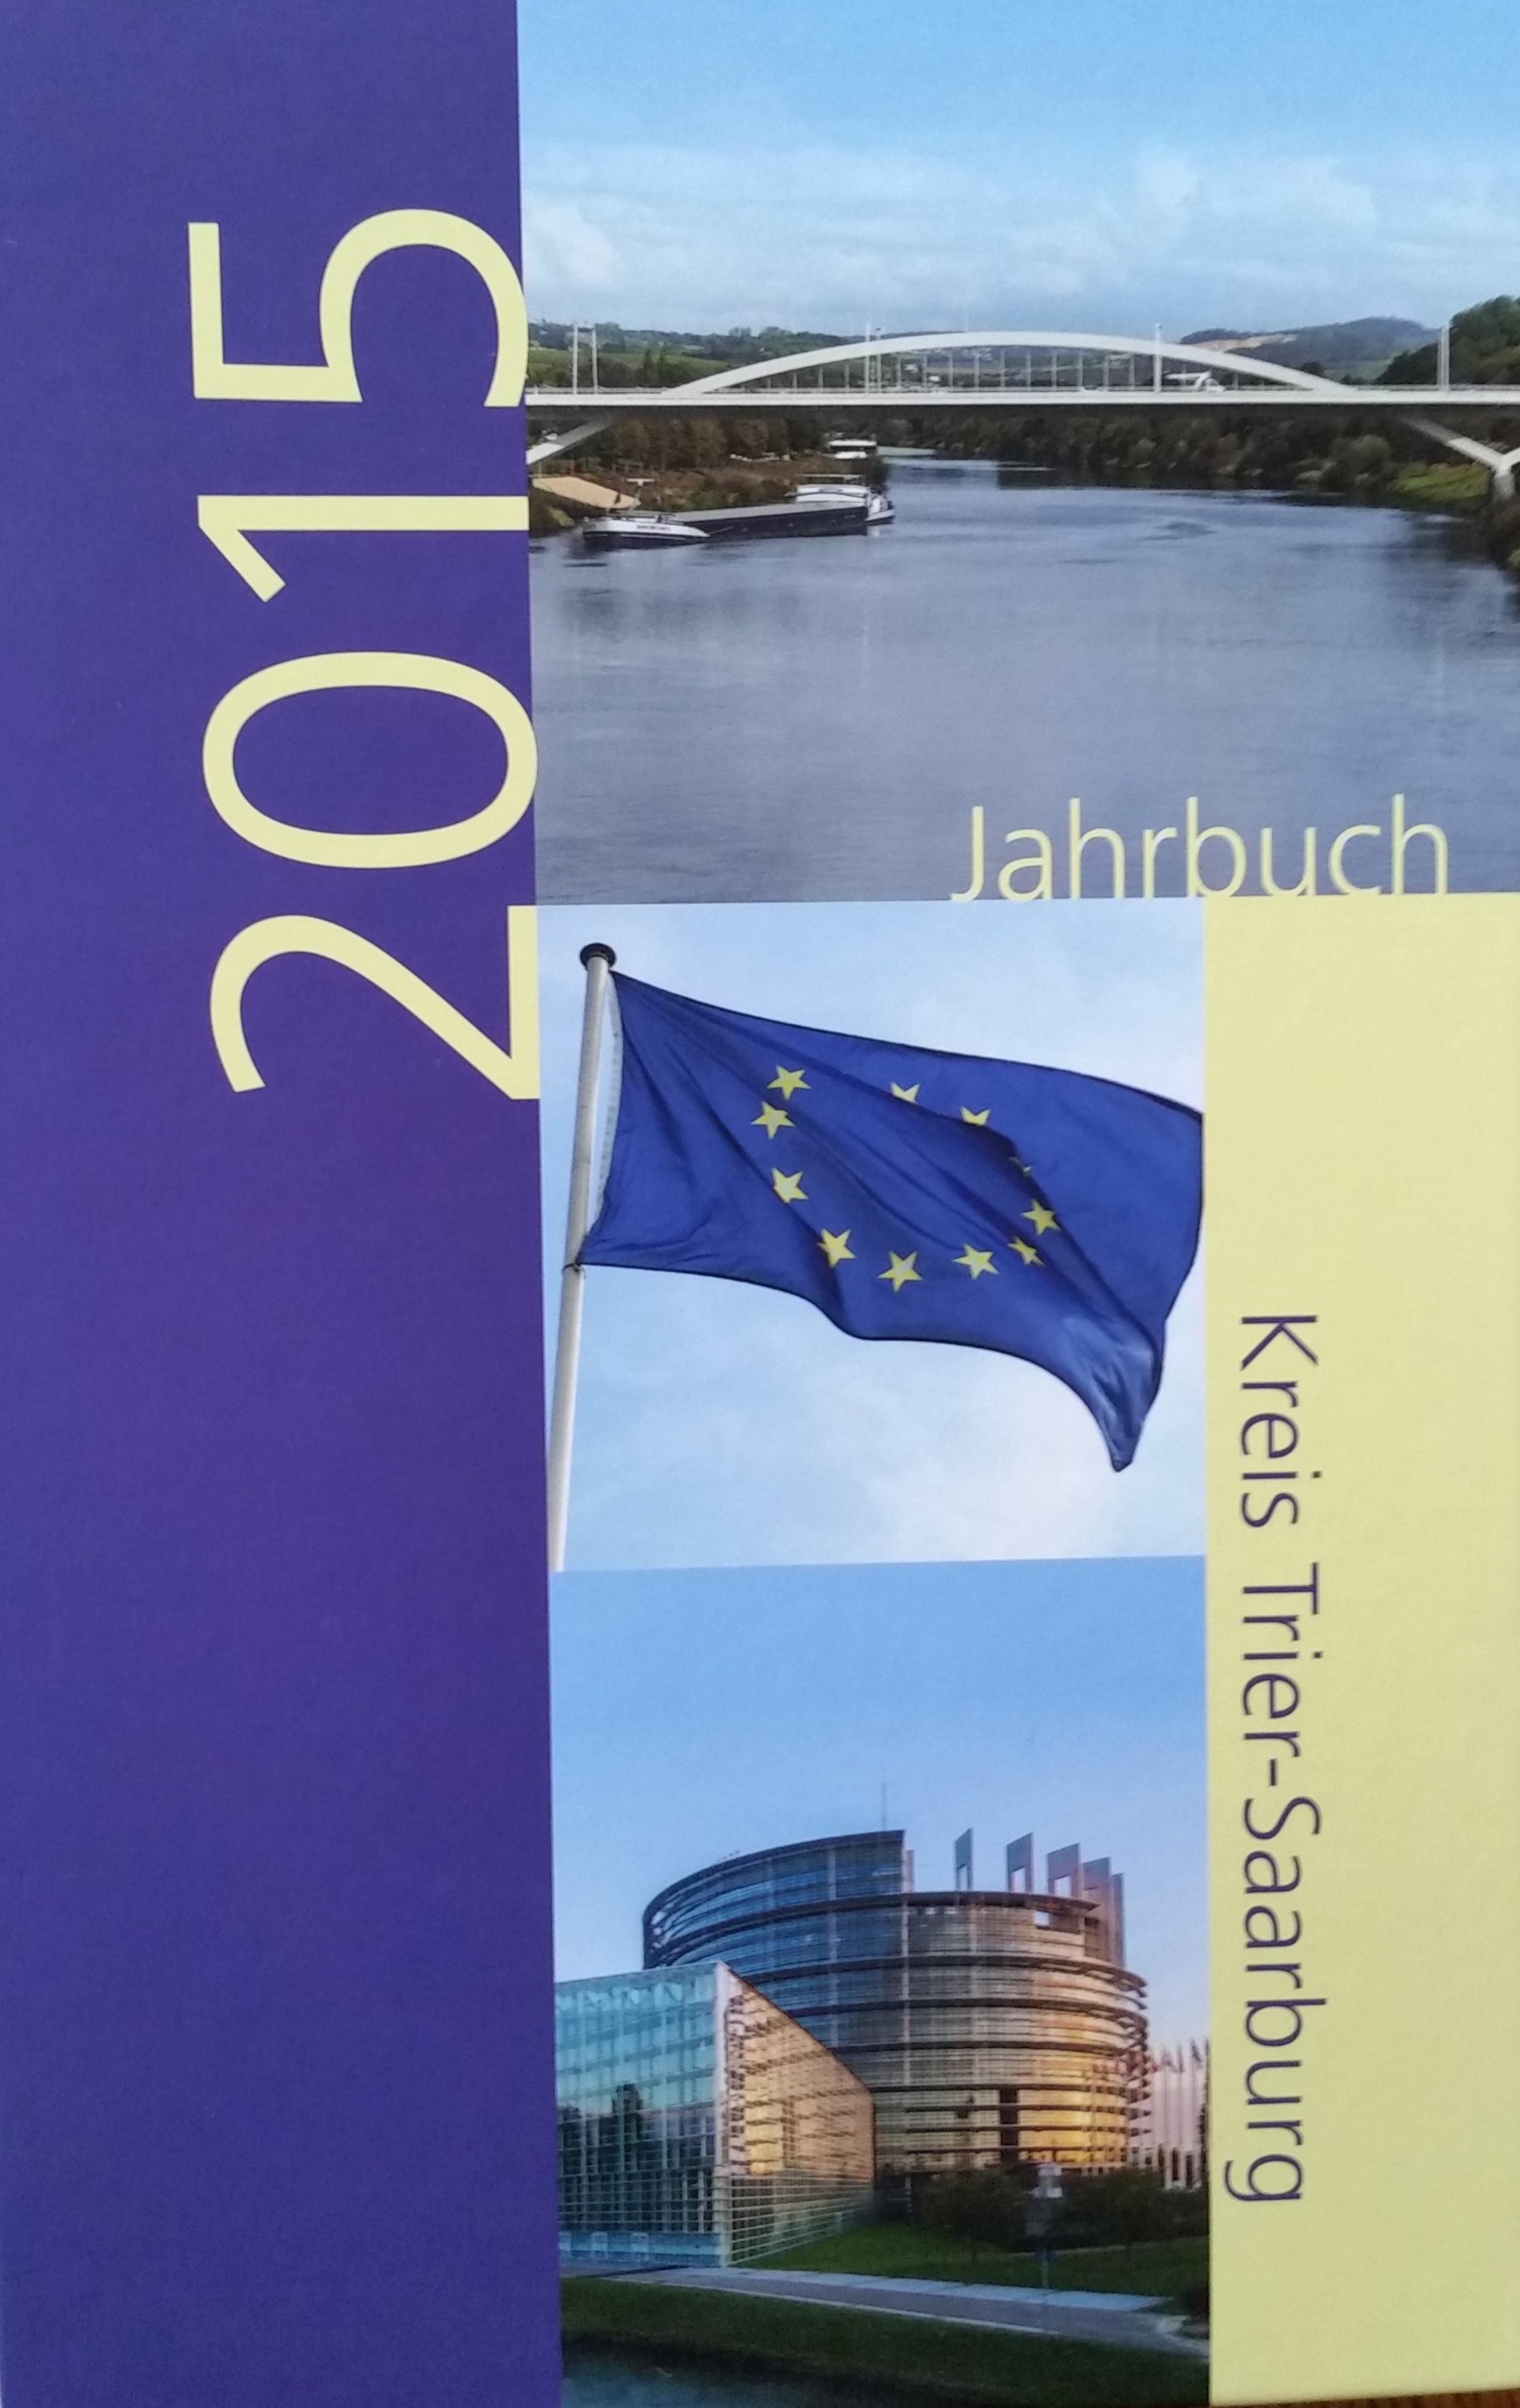 Jahrbuch 2015 Kreis Trier-Saarburg Bucheinband vorne